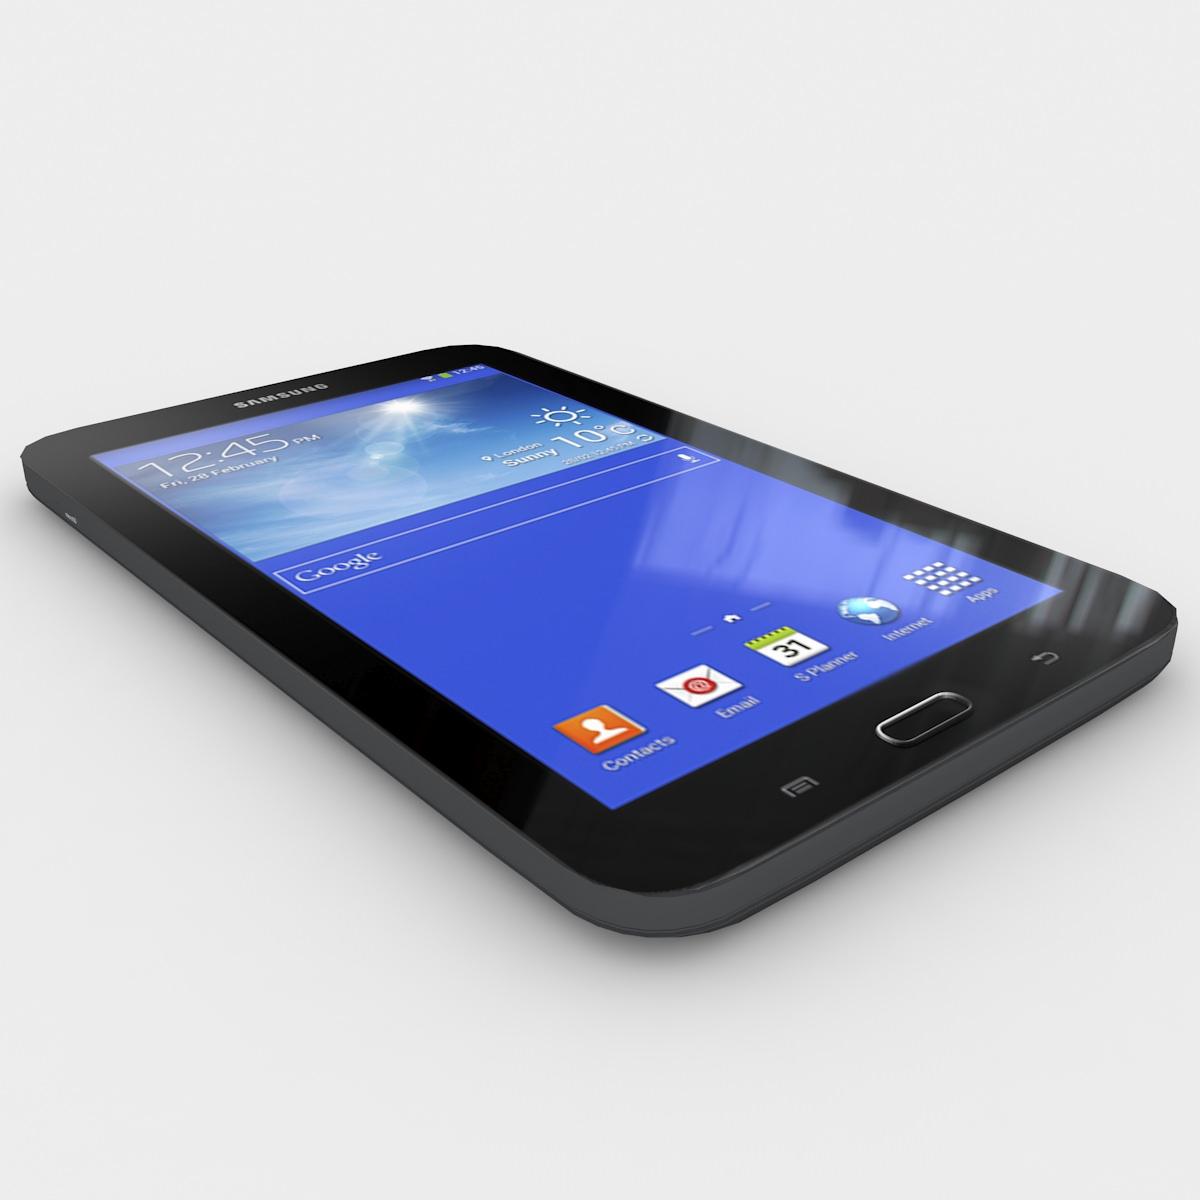 Samsung galaxy tab 3 lite 7 0 black 3d model max 3ds fbx lwo lw lws ma mb lxo lxl - Samsung galaxy tab 4 lite ...